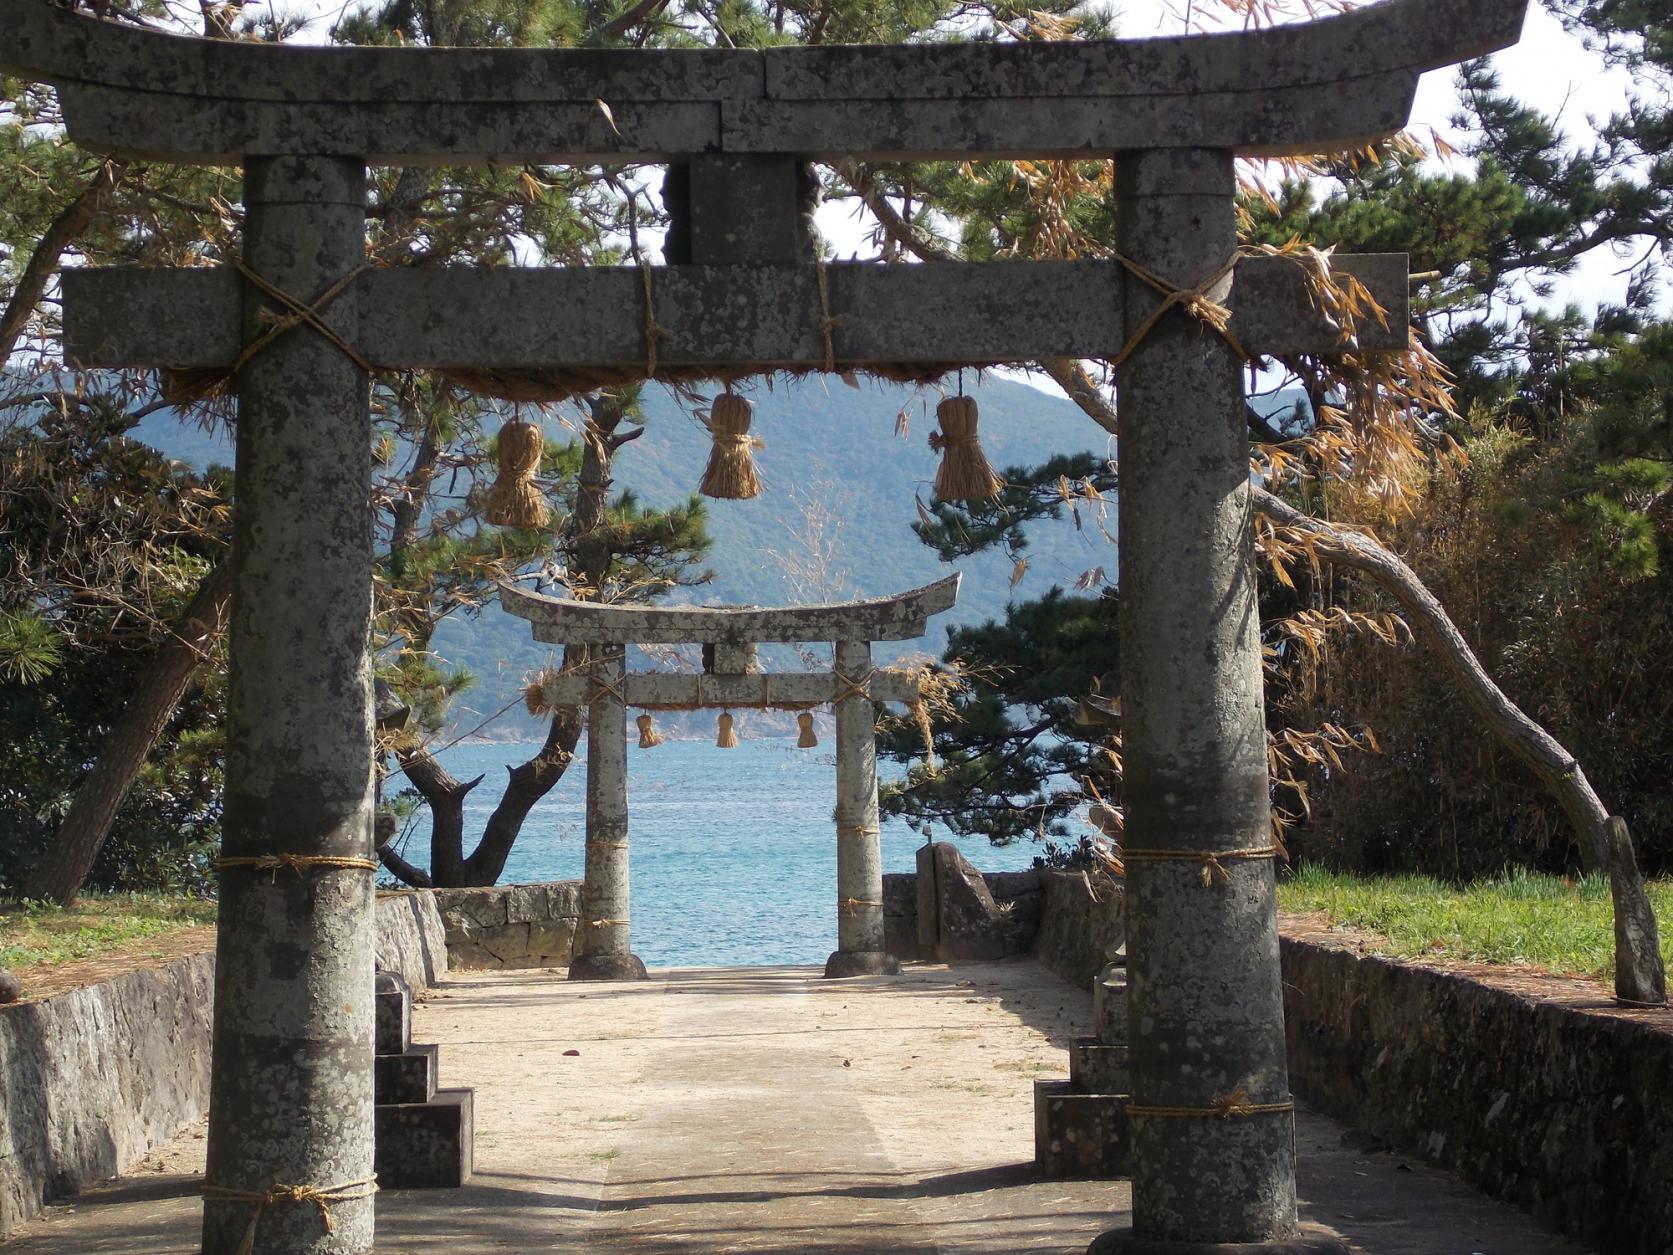 【小値賀島】チャリ旅で大自然の神秘を間近で体感-2